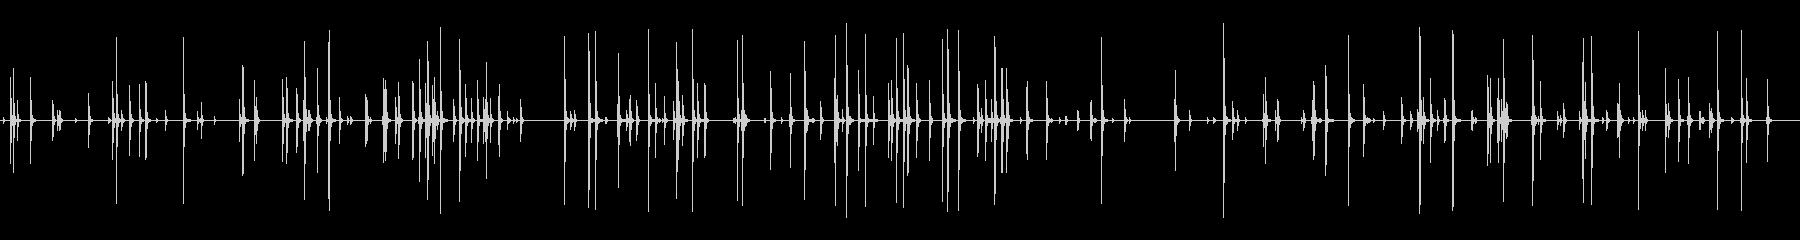 古代ロボットのピコピコ音(平常運転)の未再生の波形